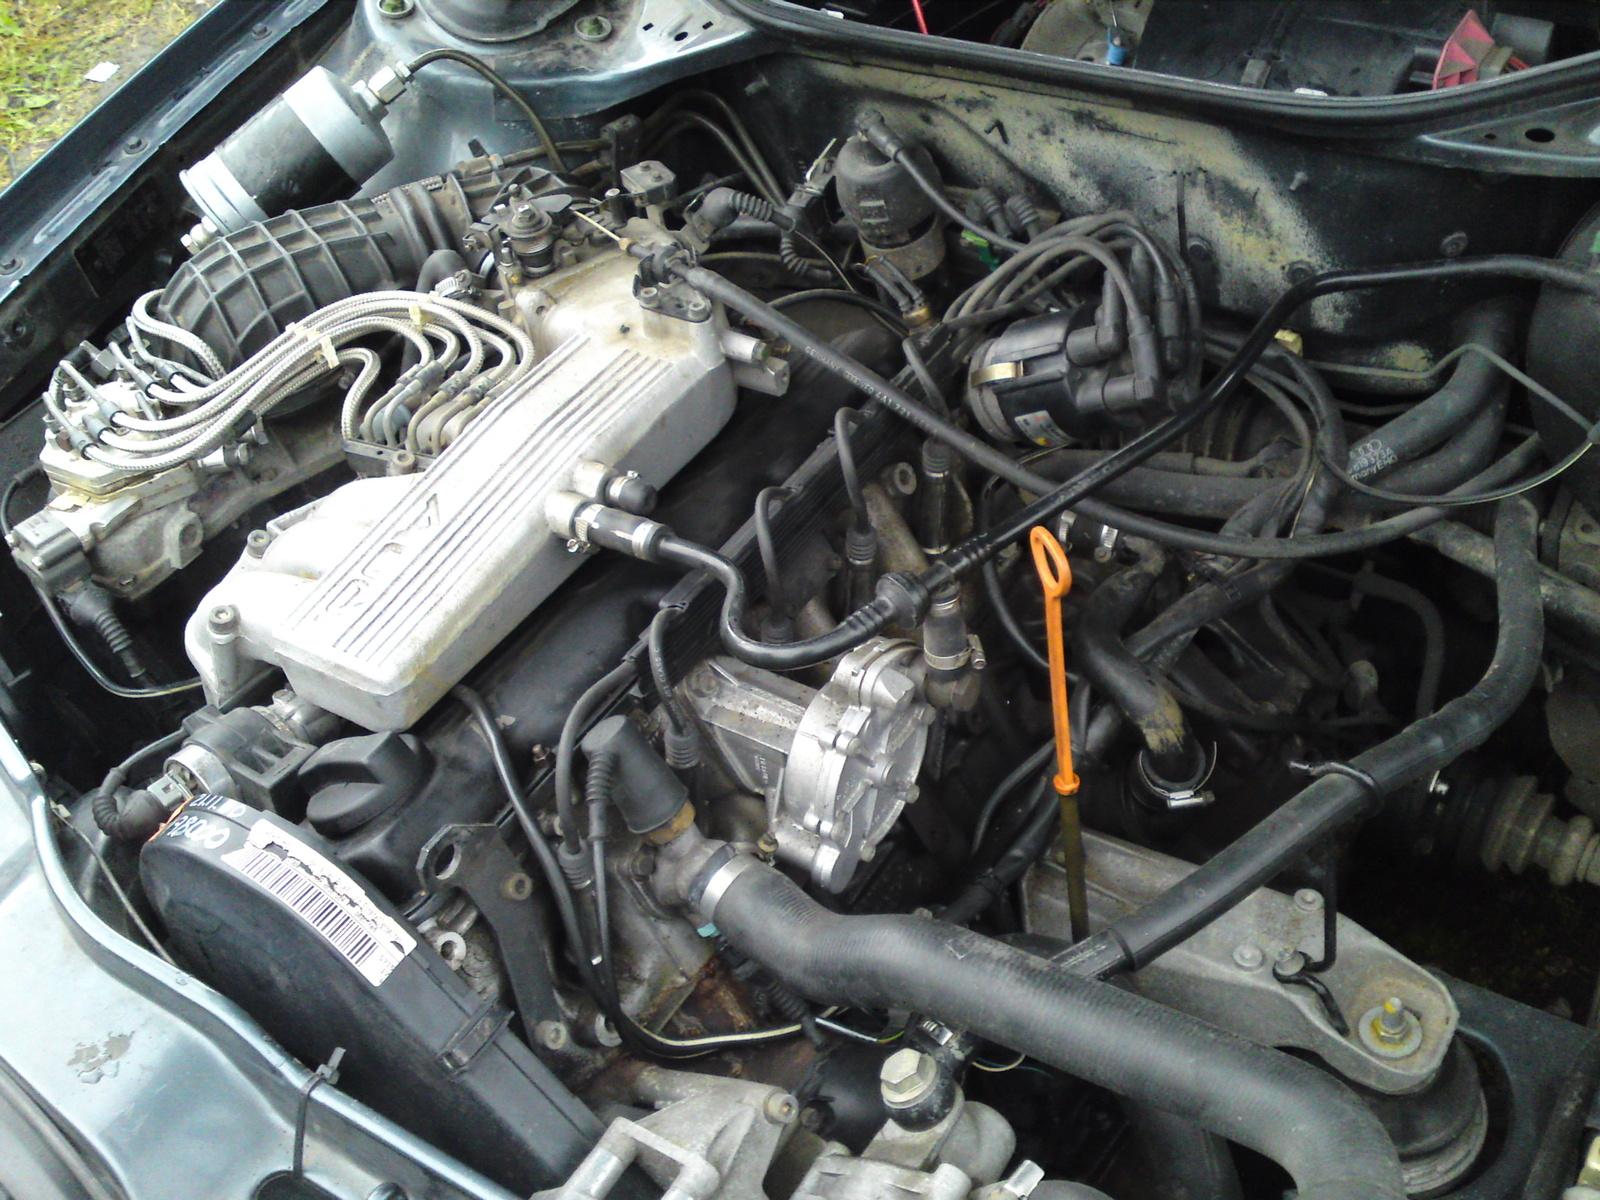 AUDI 100 S4 engine